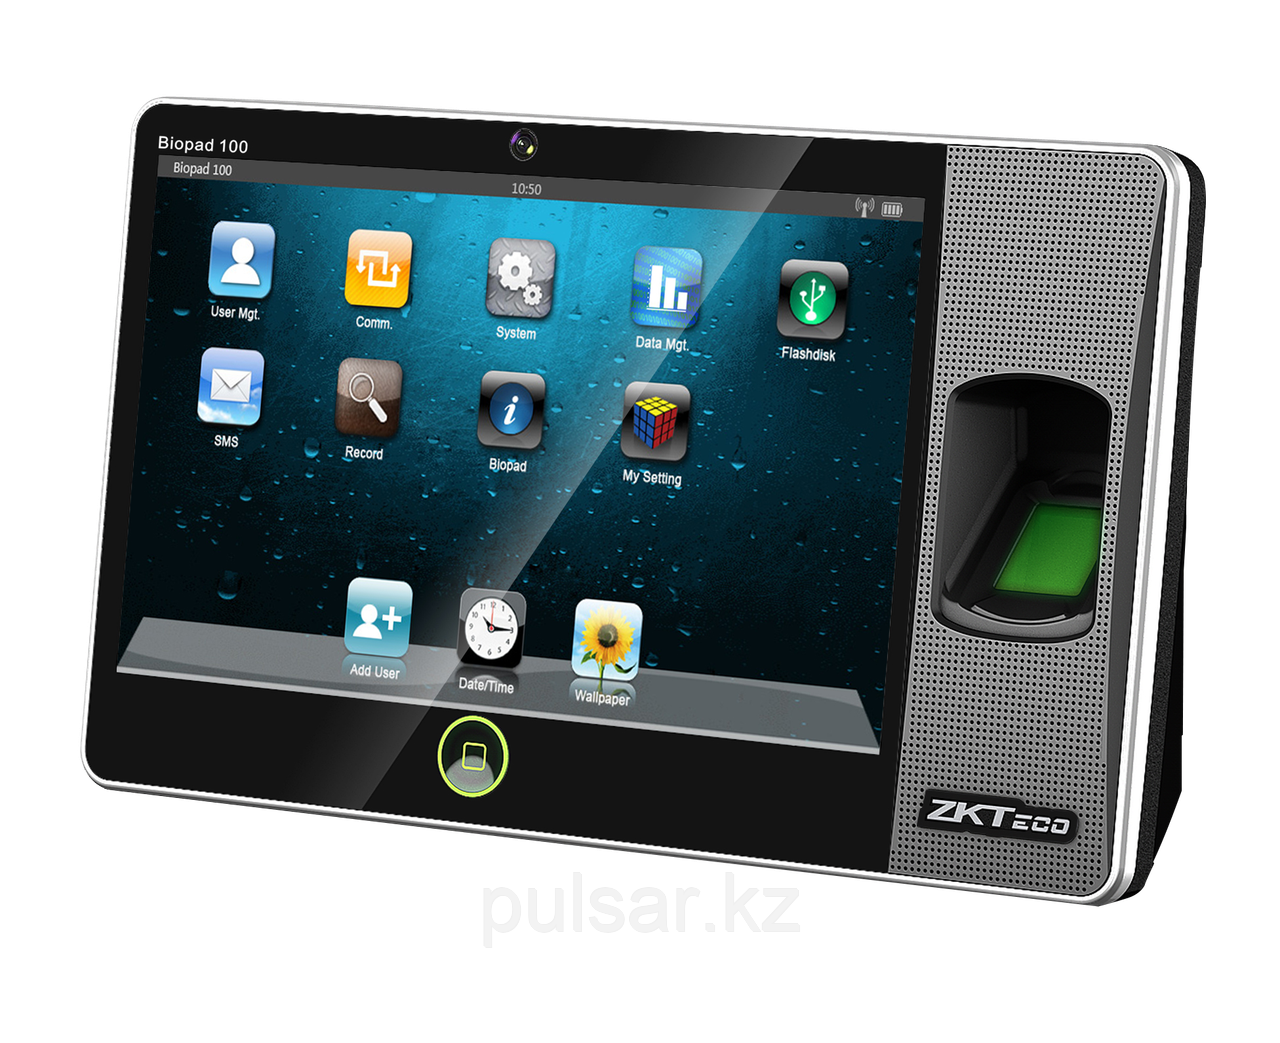 ZKTeco BIOPAD100 - Терминал учёта рбочего времени с 7-дюймовым сенсорным экраном